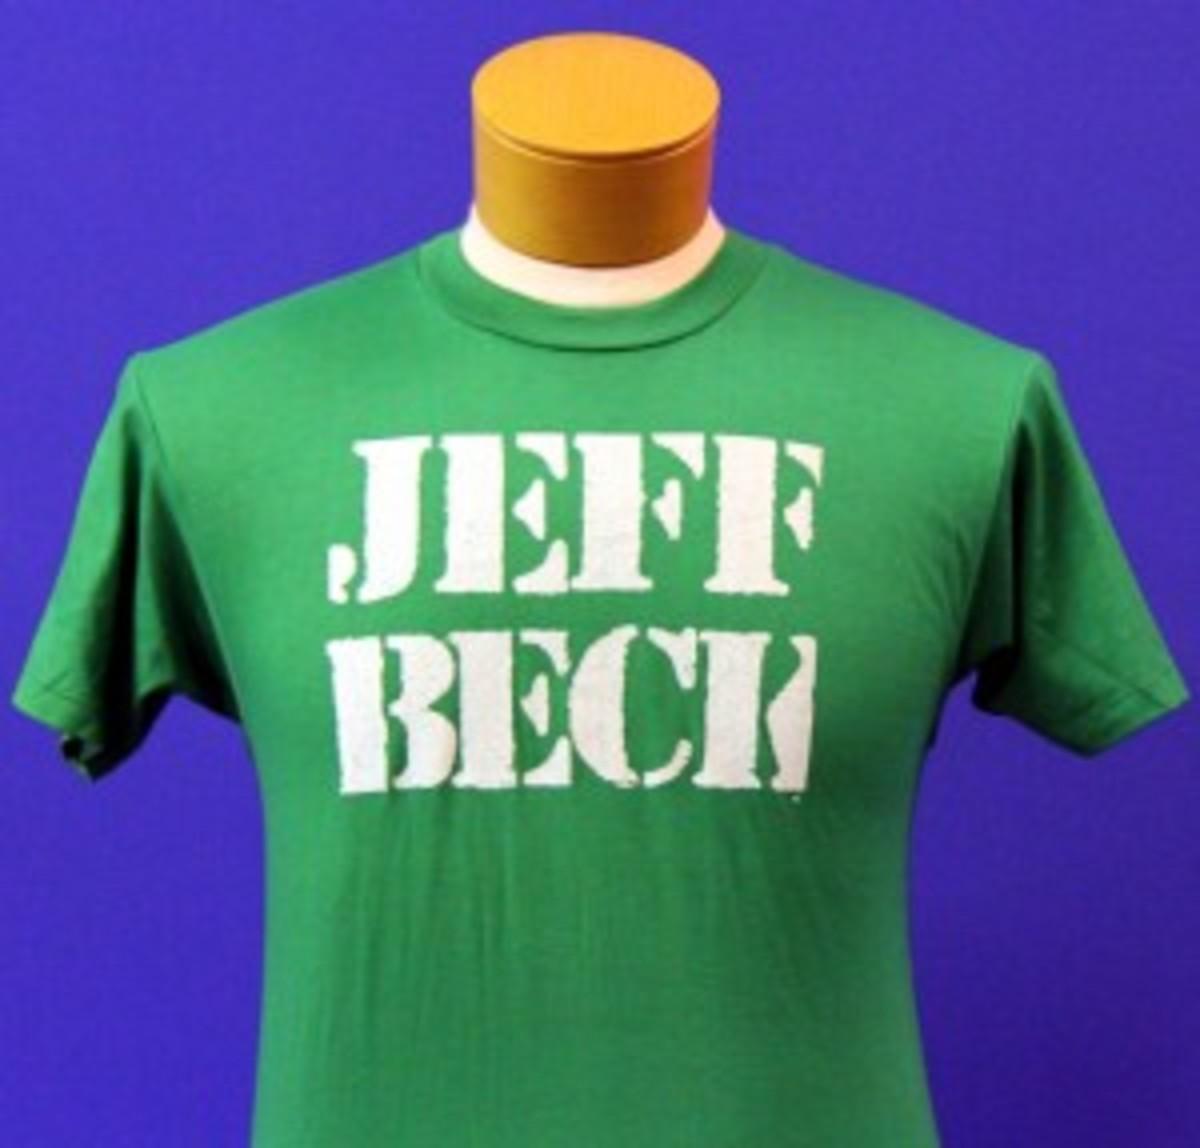 Jeff Beck concert T-shirt